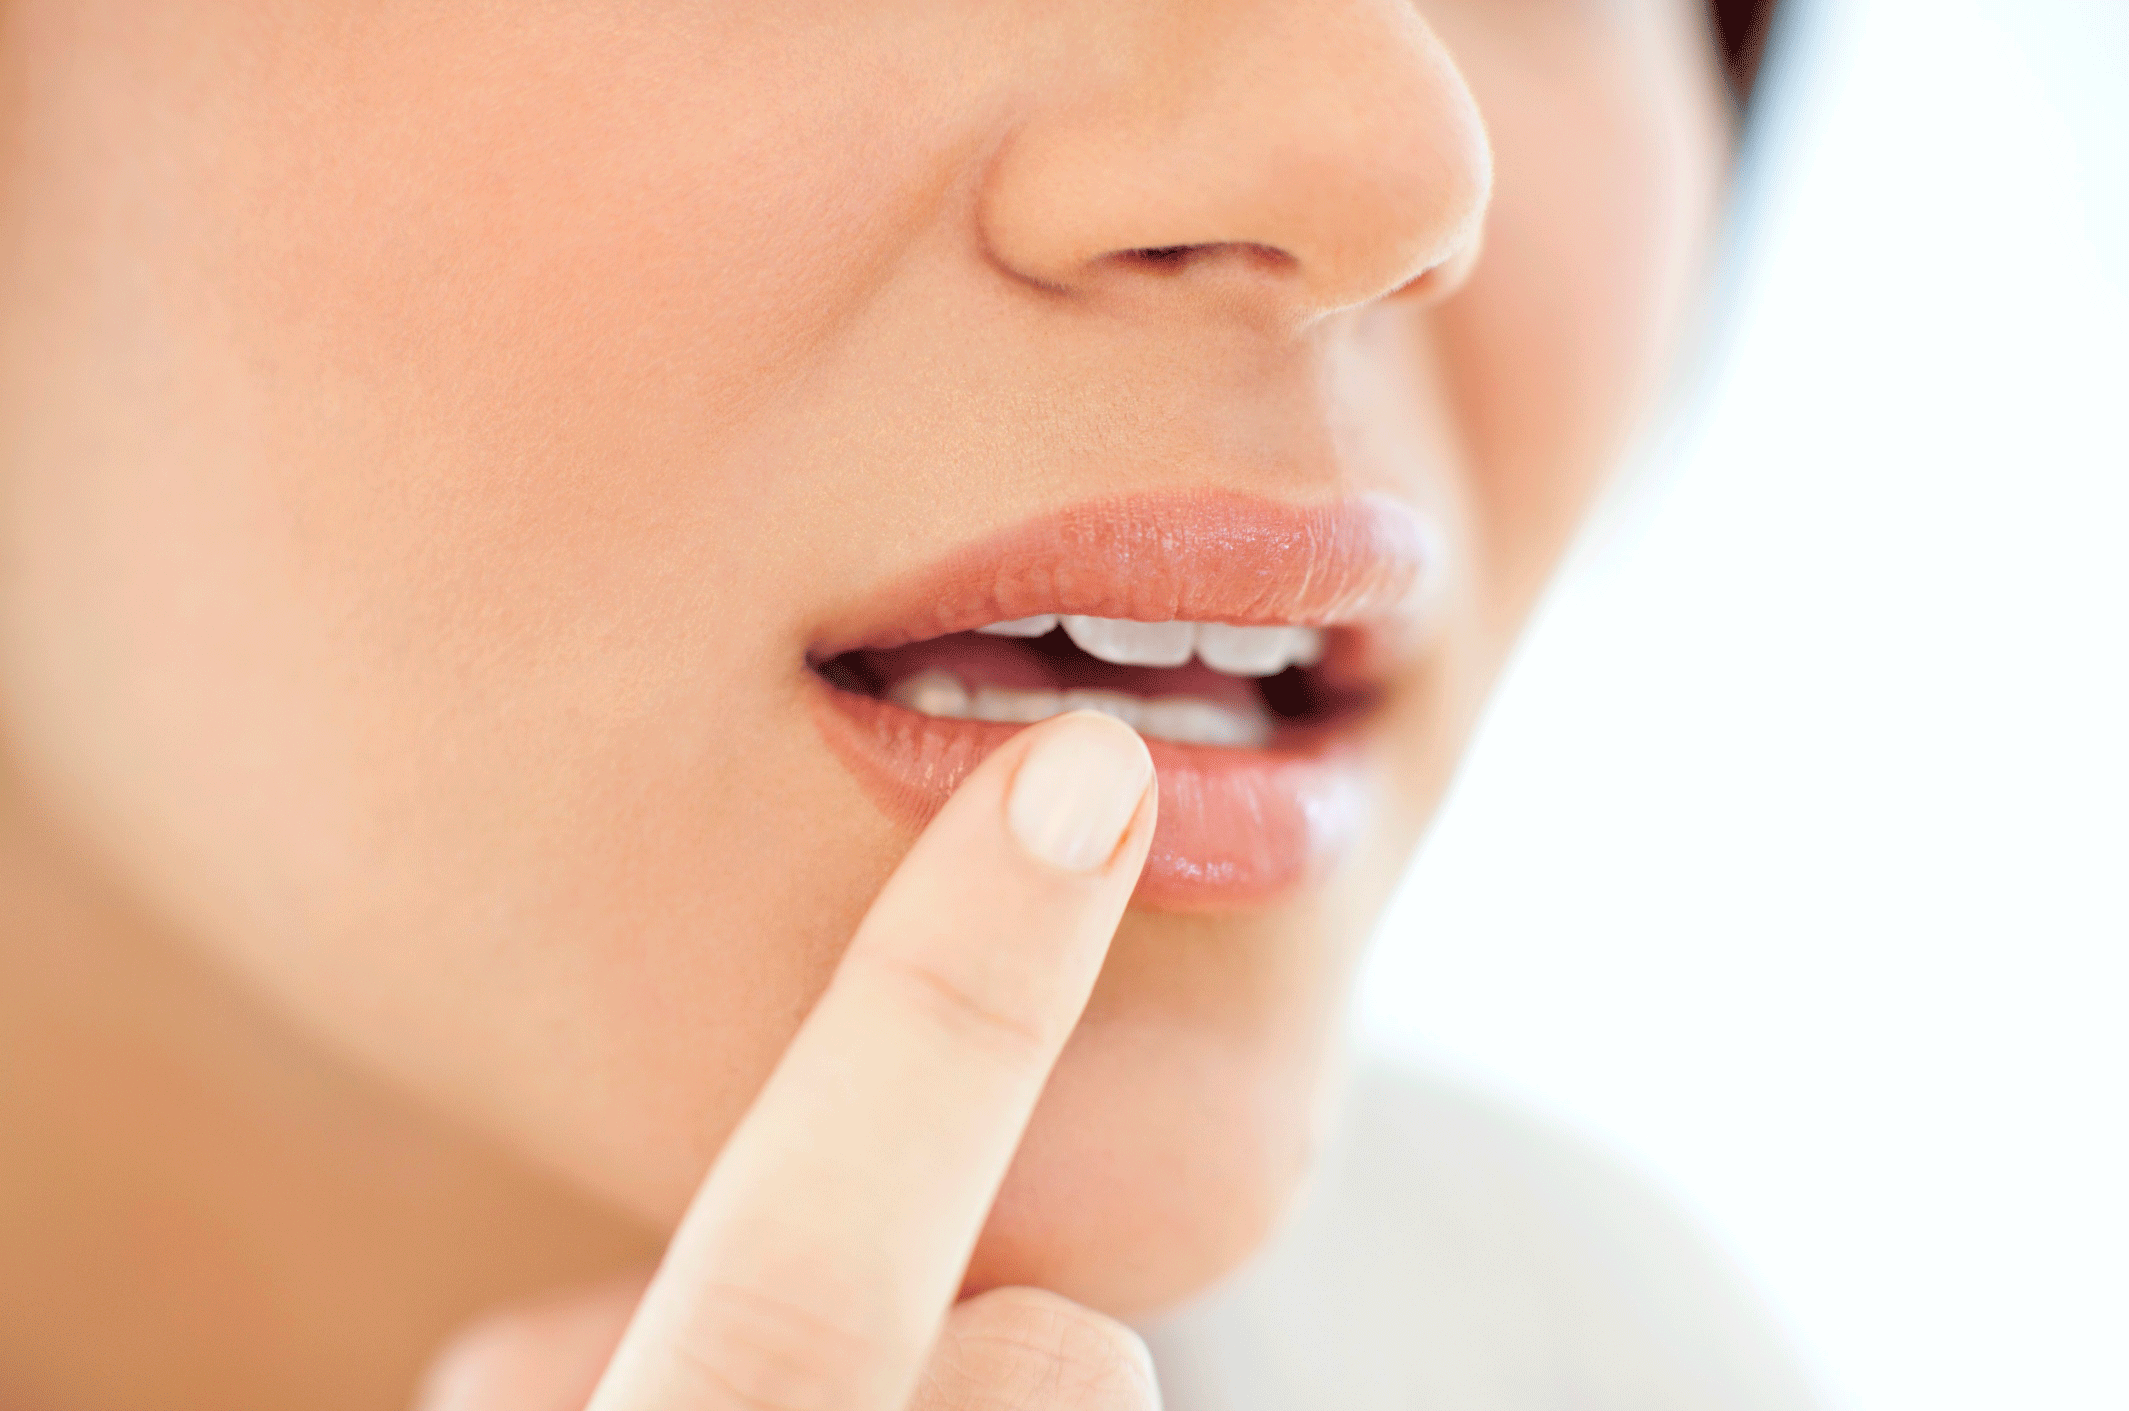 Можно ли мазать герпес на губе зубной пастой отзывы